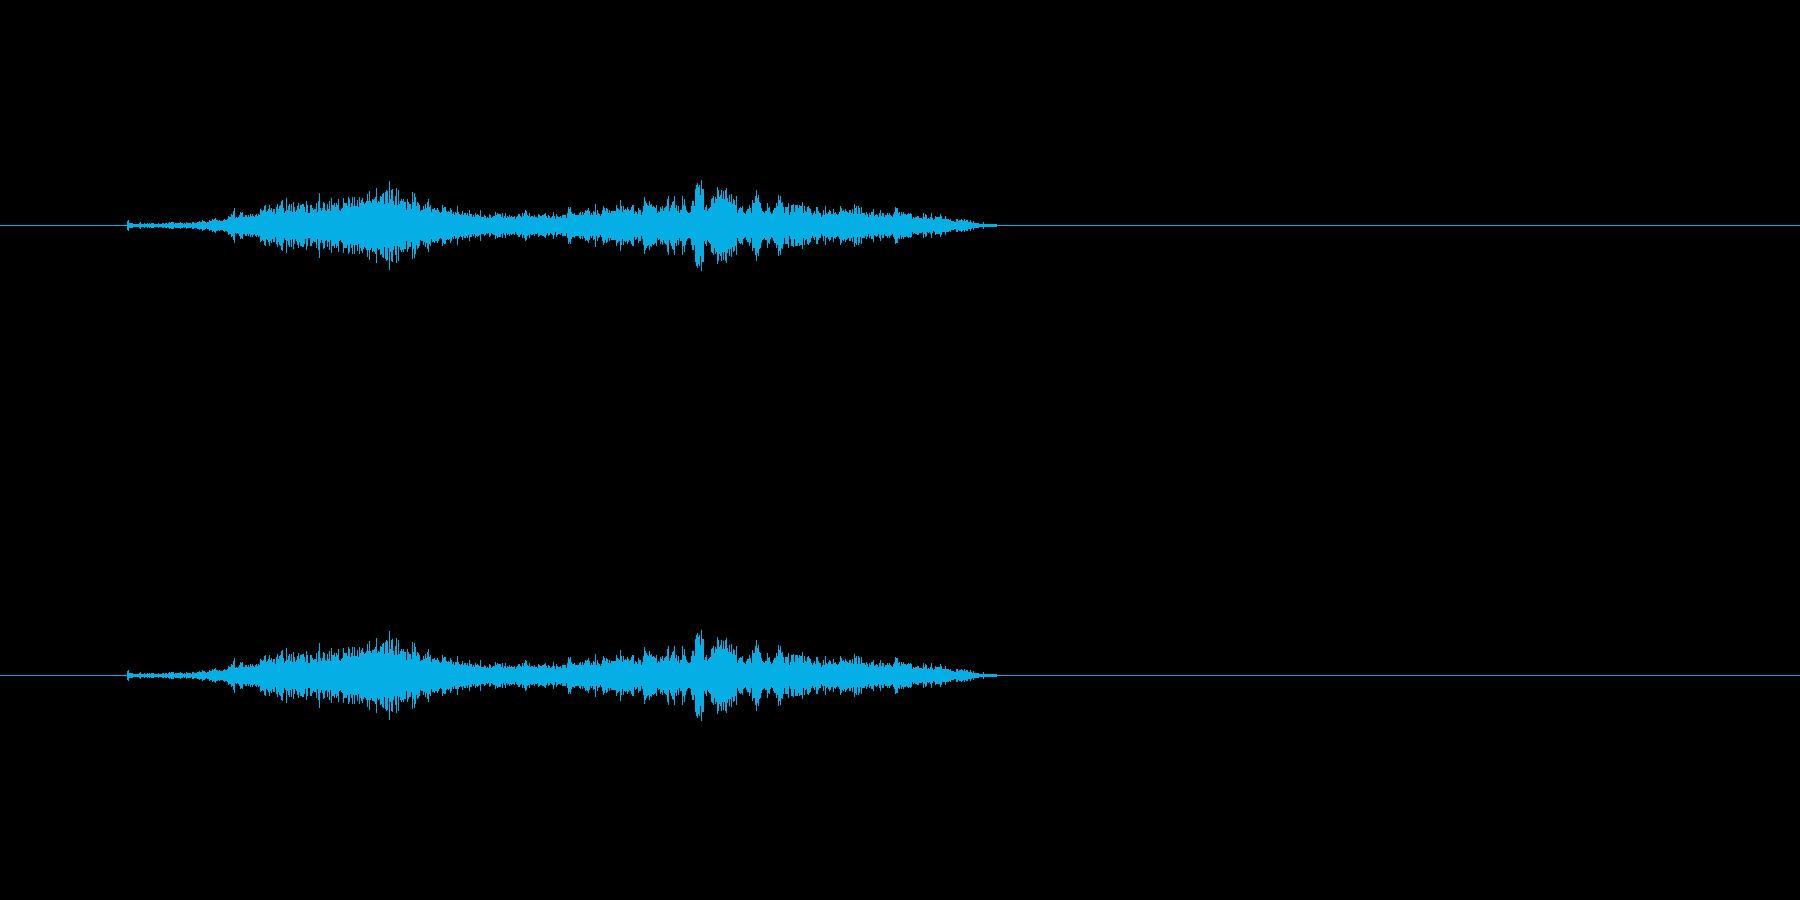 【シャープペン01-06(丸)】の再生済みの波形